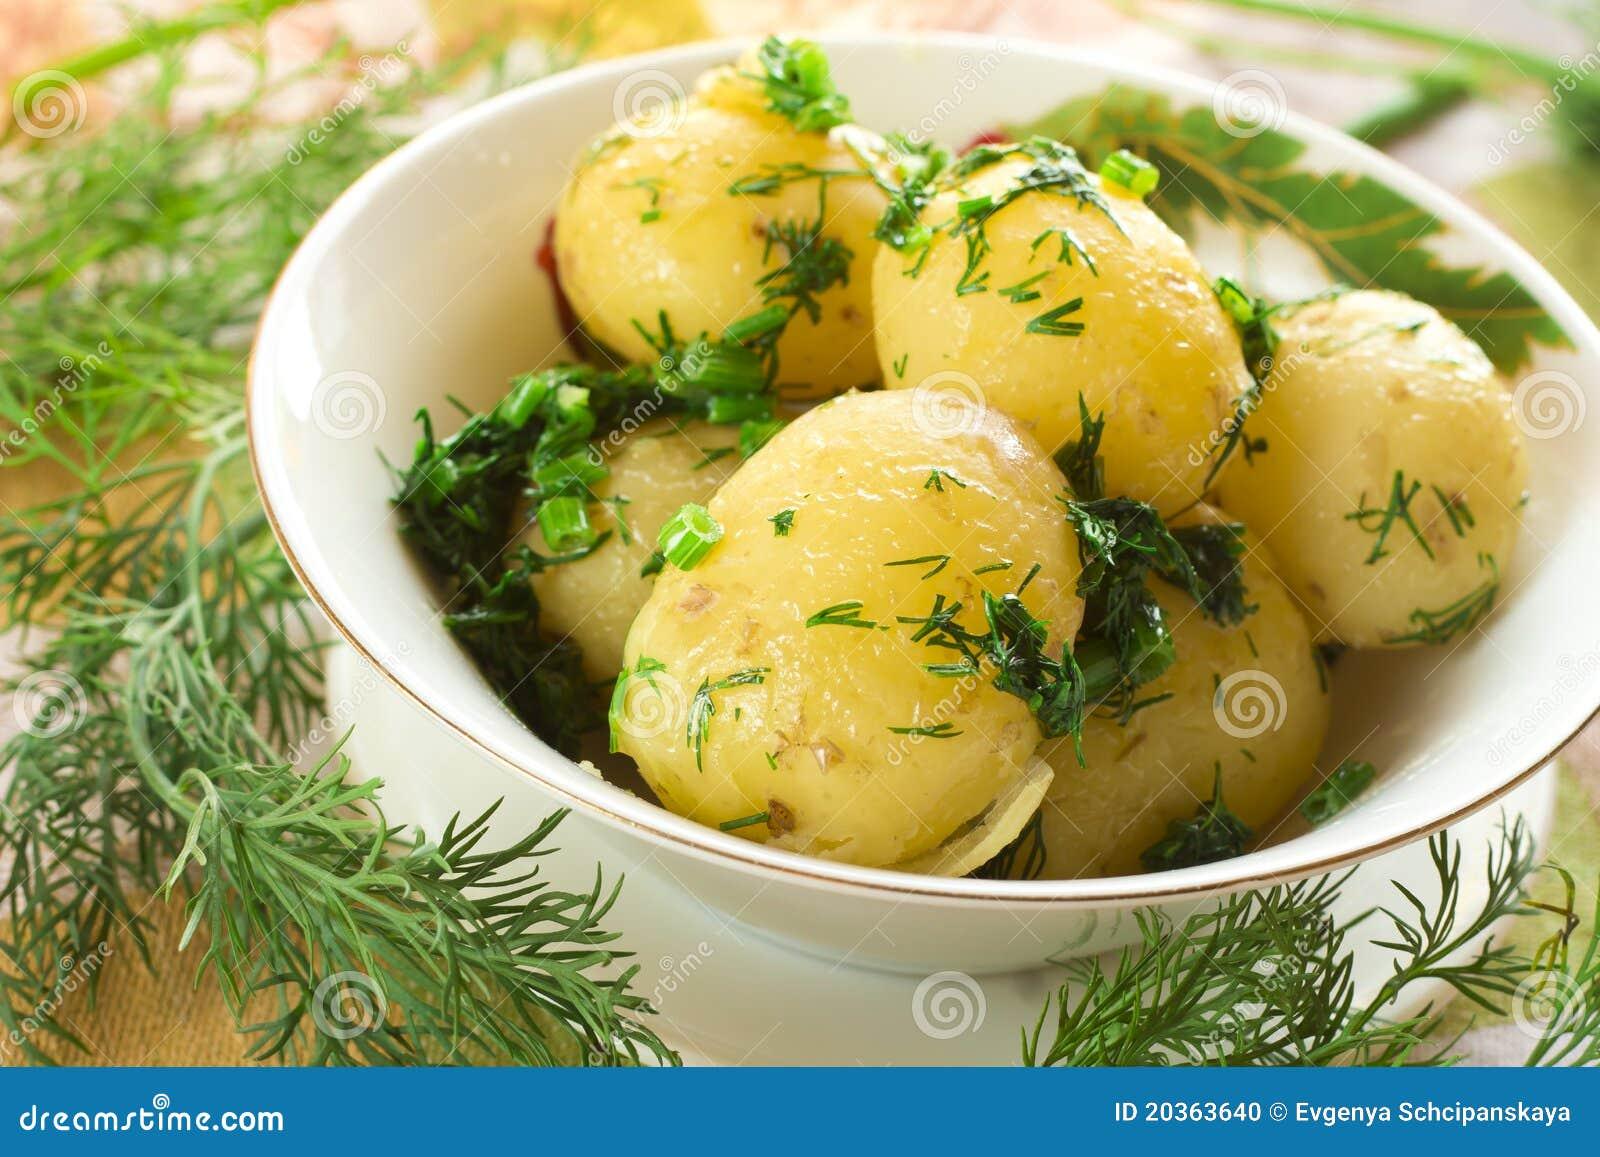 ая картошка